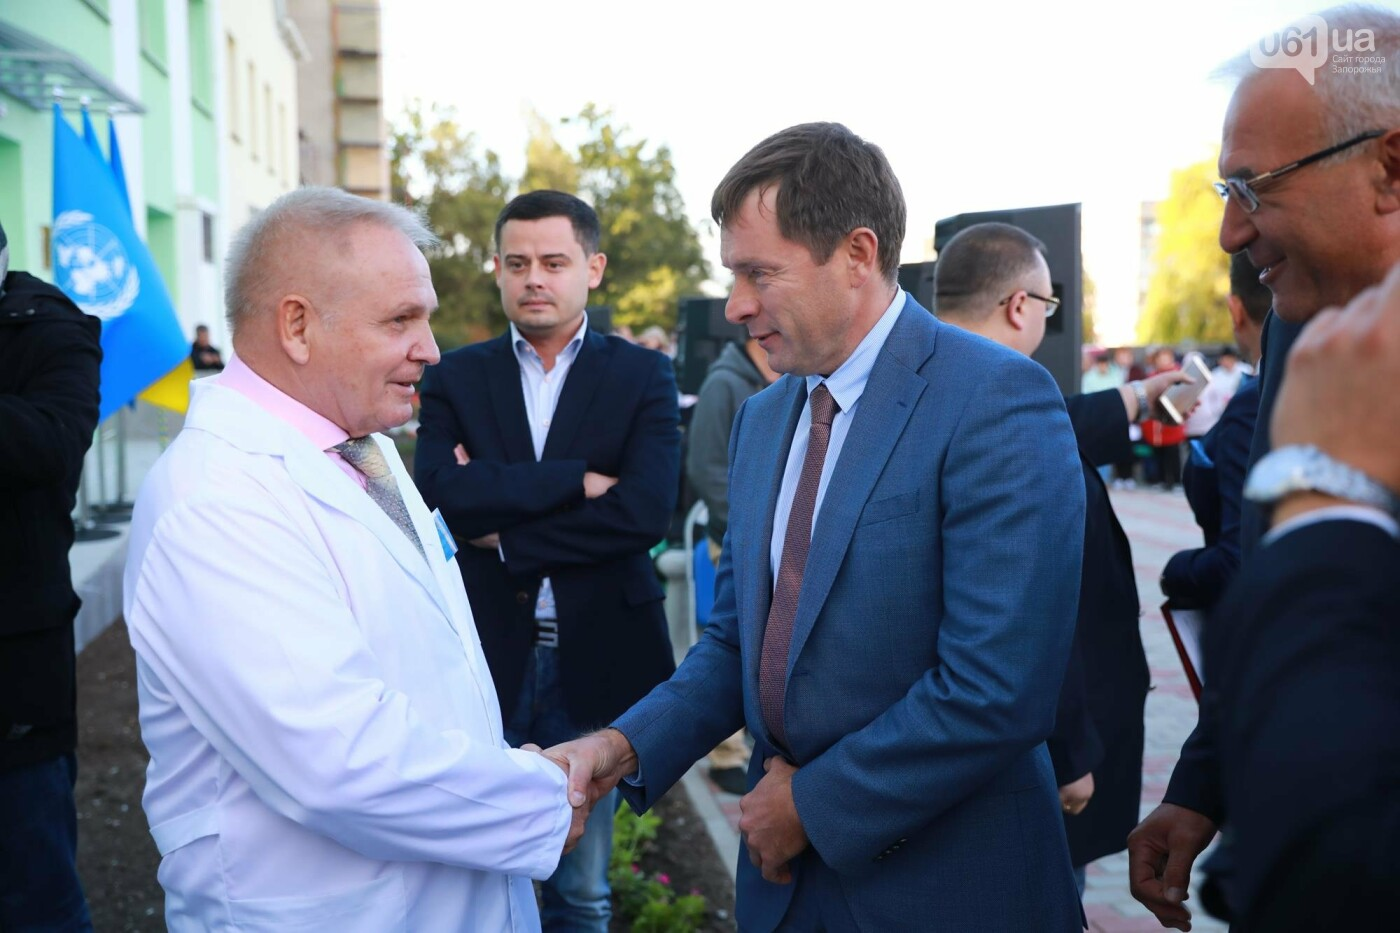 В Запорожской области за 2 миллиона евро отремонтировали больницу, - ФОТО, фото-5